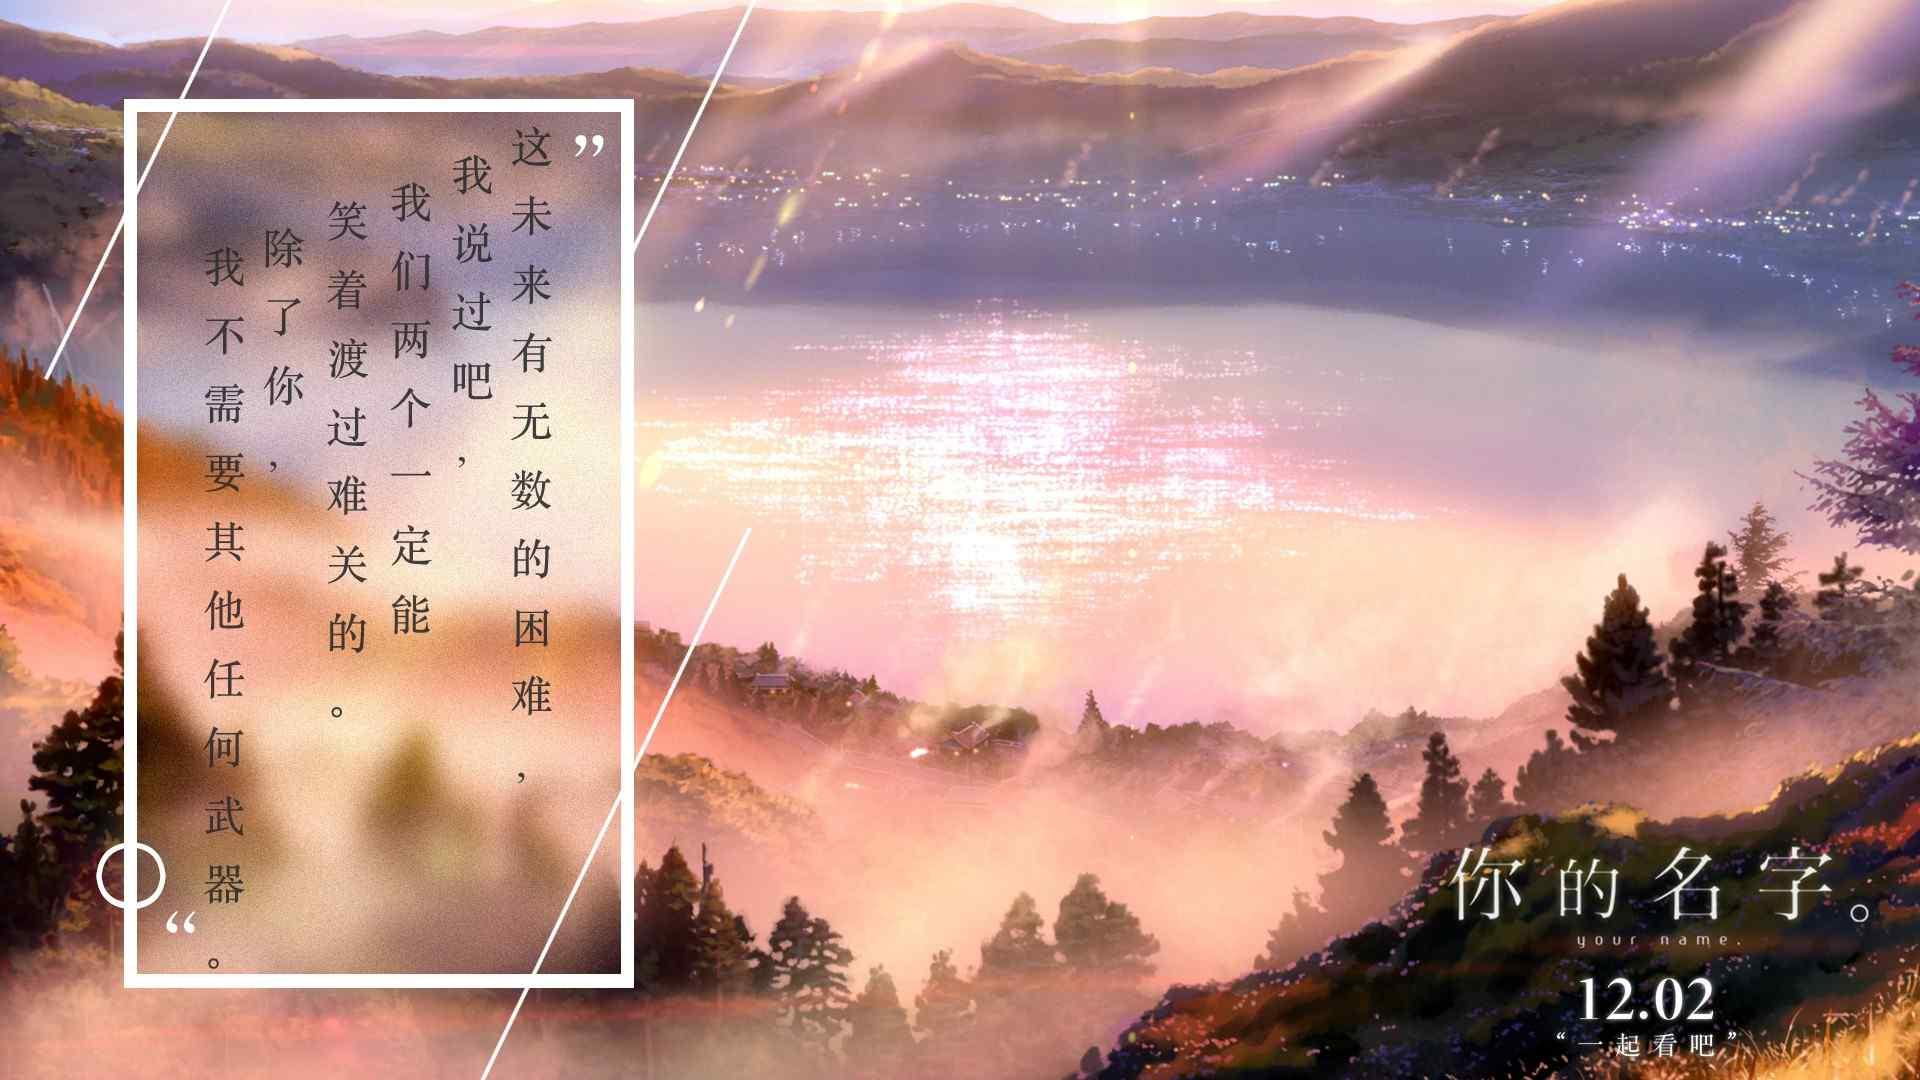 《你的名字》唯美文字语录图片高清壁纸,今年备受关注的日本电影你的名字在国内上映,唯美小清新的画面,新海诚的独特风格,一个关于相遇和等待的爱情故事,我知道就算有一天我忘记了你的名字,可是我仍然会记得,喜欢你,那些触动心弦的台词和语录你还记得吗,欢迎继续关注桌面天下寻找更多你喜欢的优质壁纸图片。